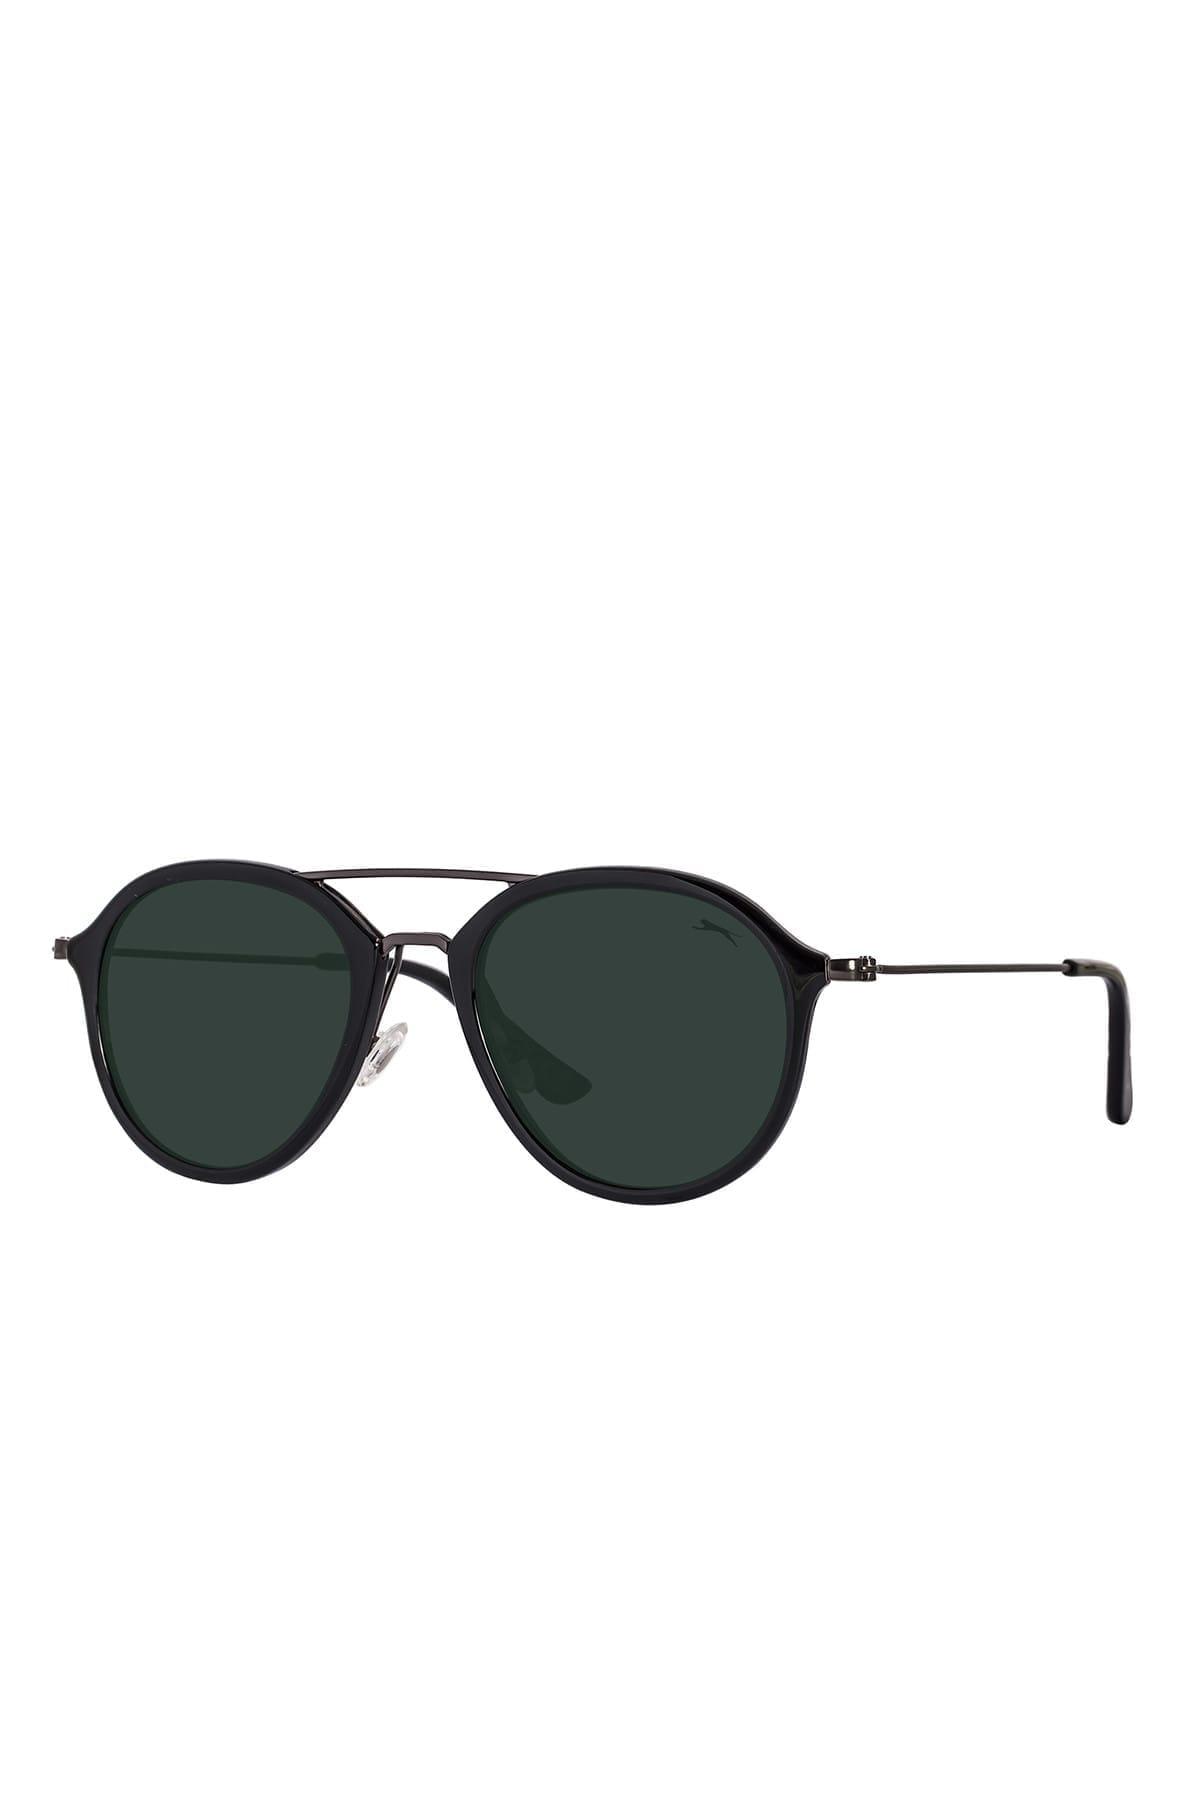 عینک دودی مردانه مارک دار برند اسلازنگر کد ty5922851